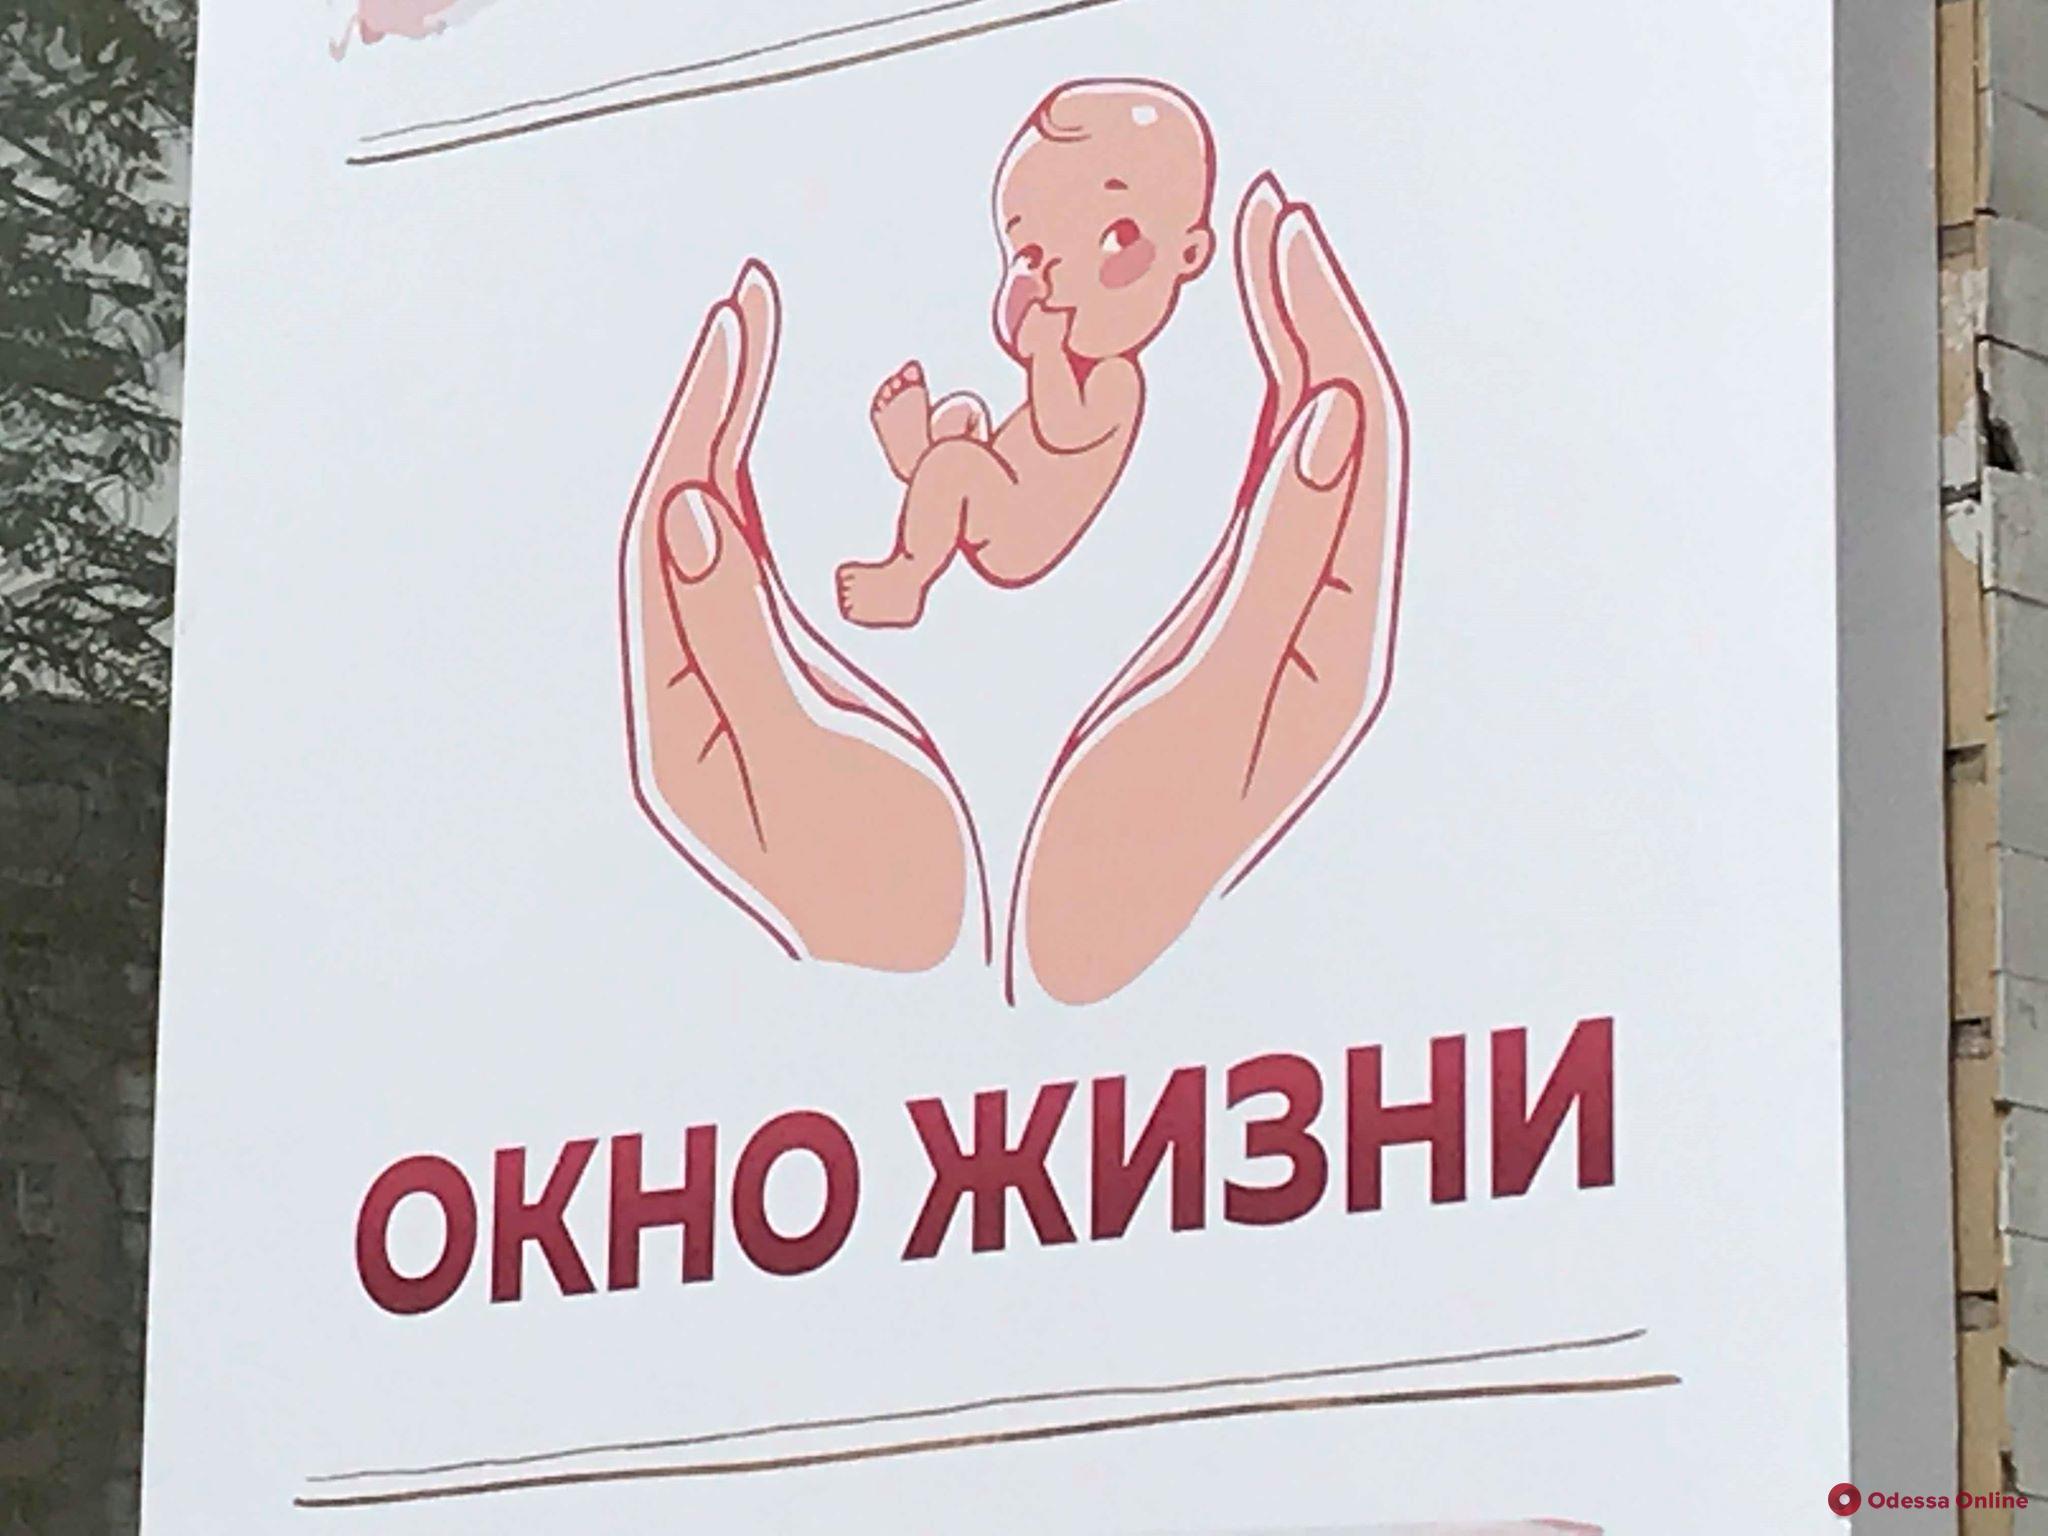 В Одессе появилось четвертое «окно жизни»